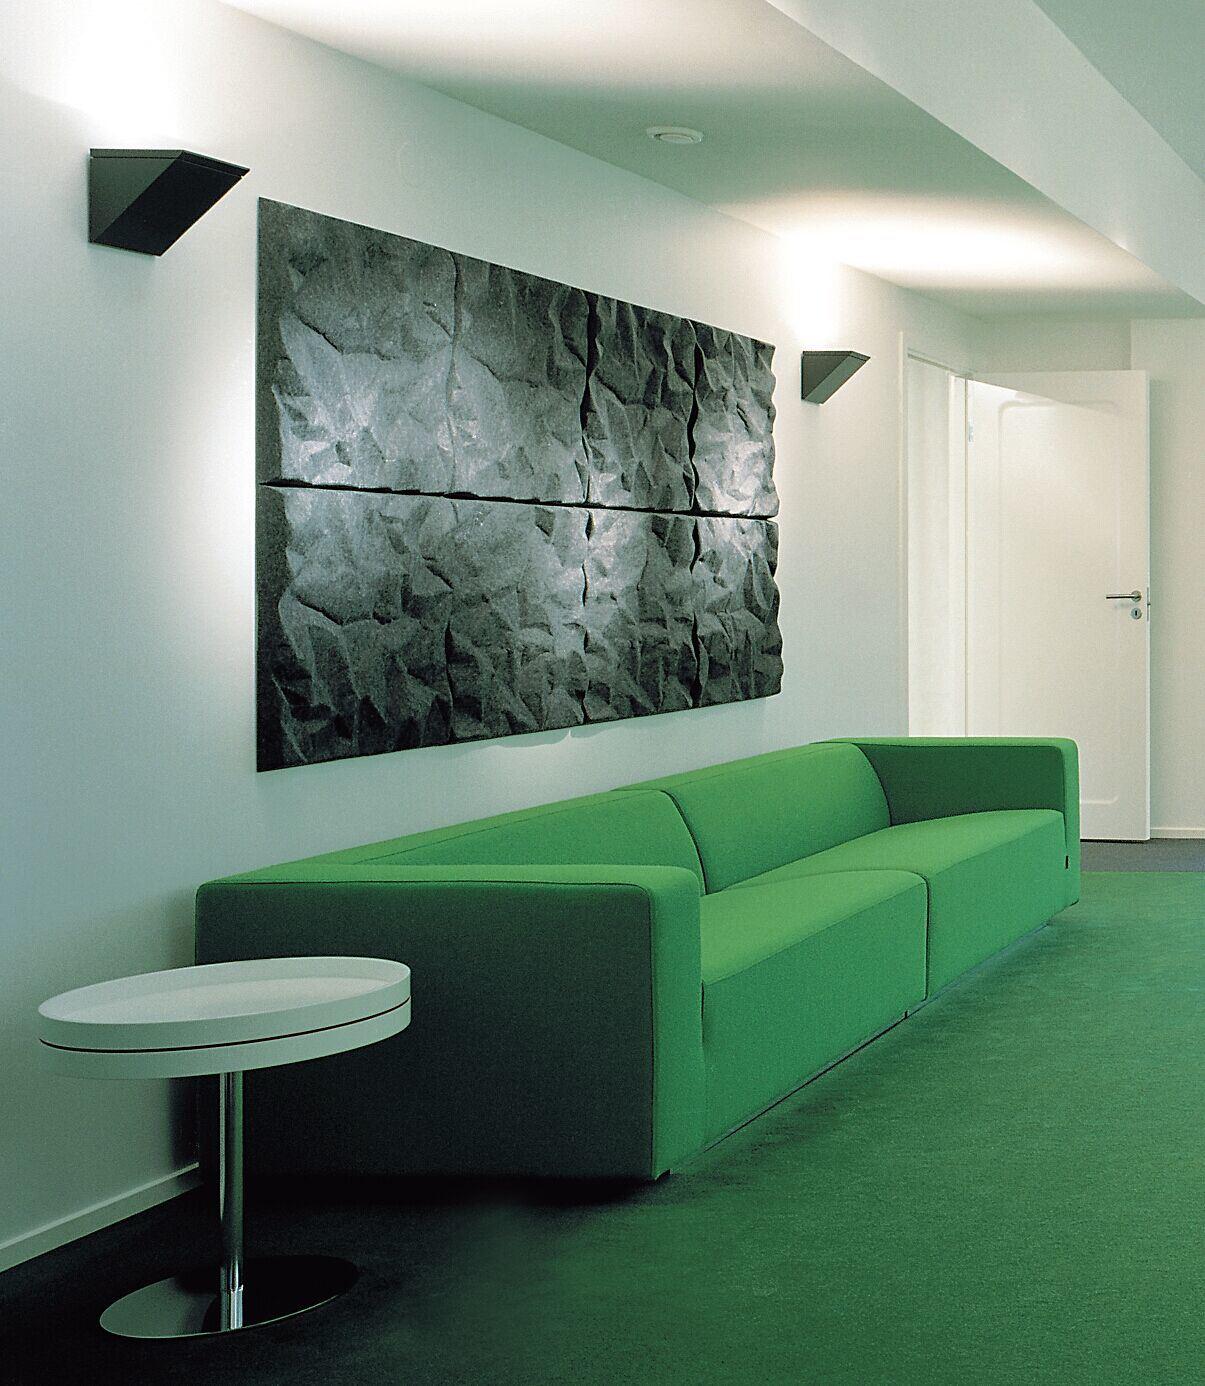 E0 Class Environmental Guarantee Polyester Fiber Acoustic Board